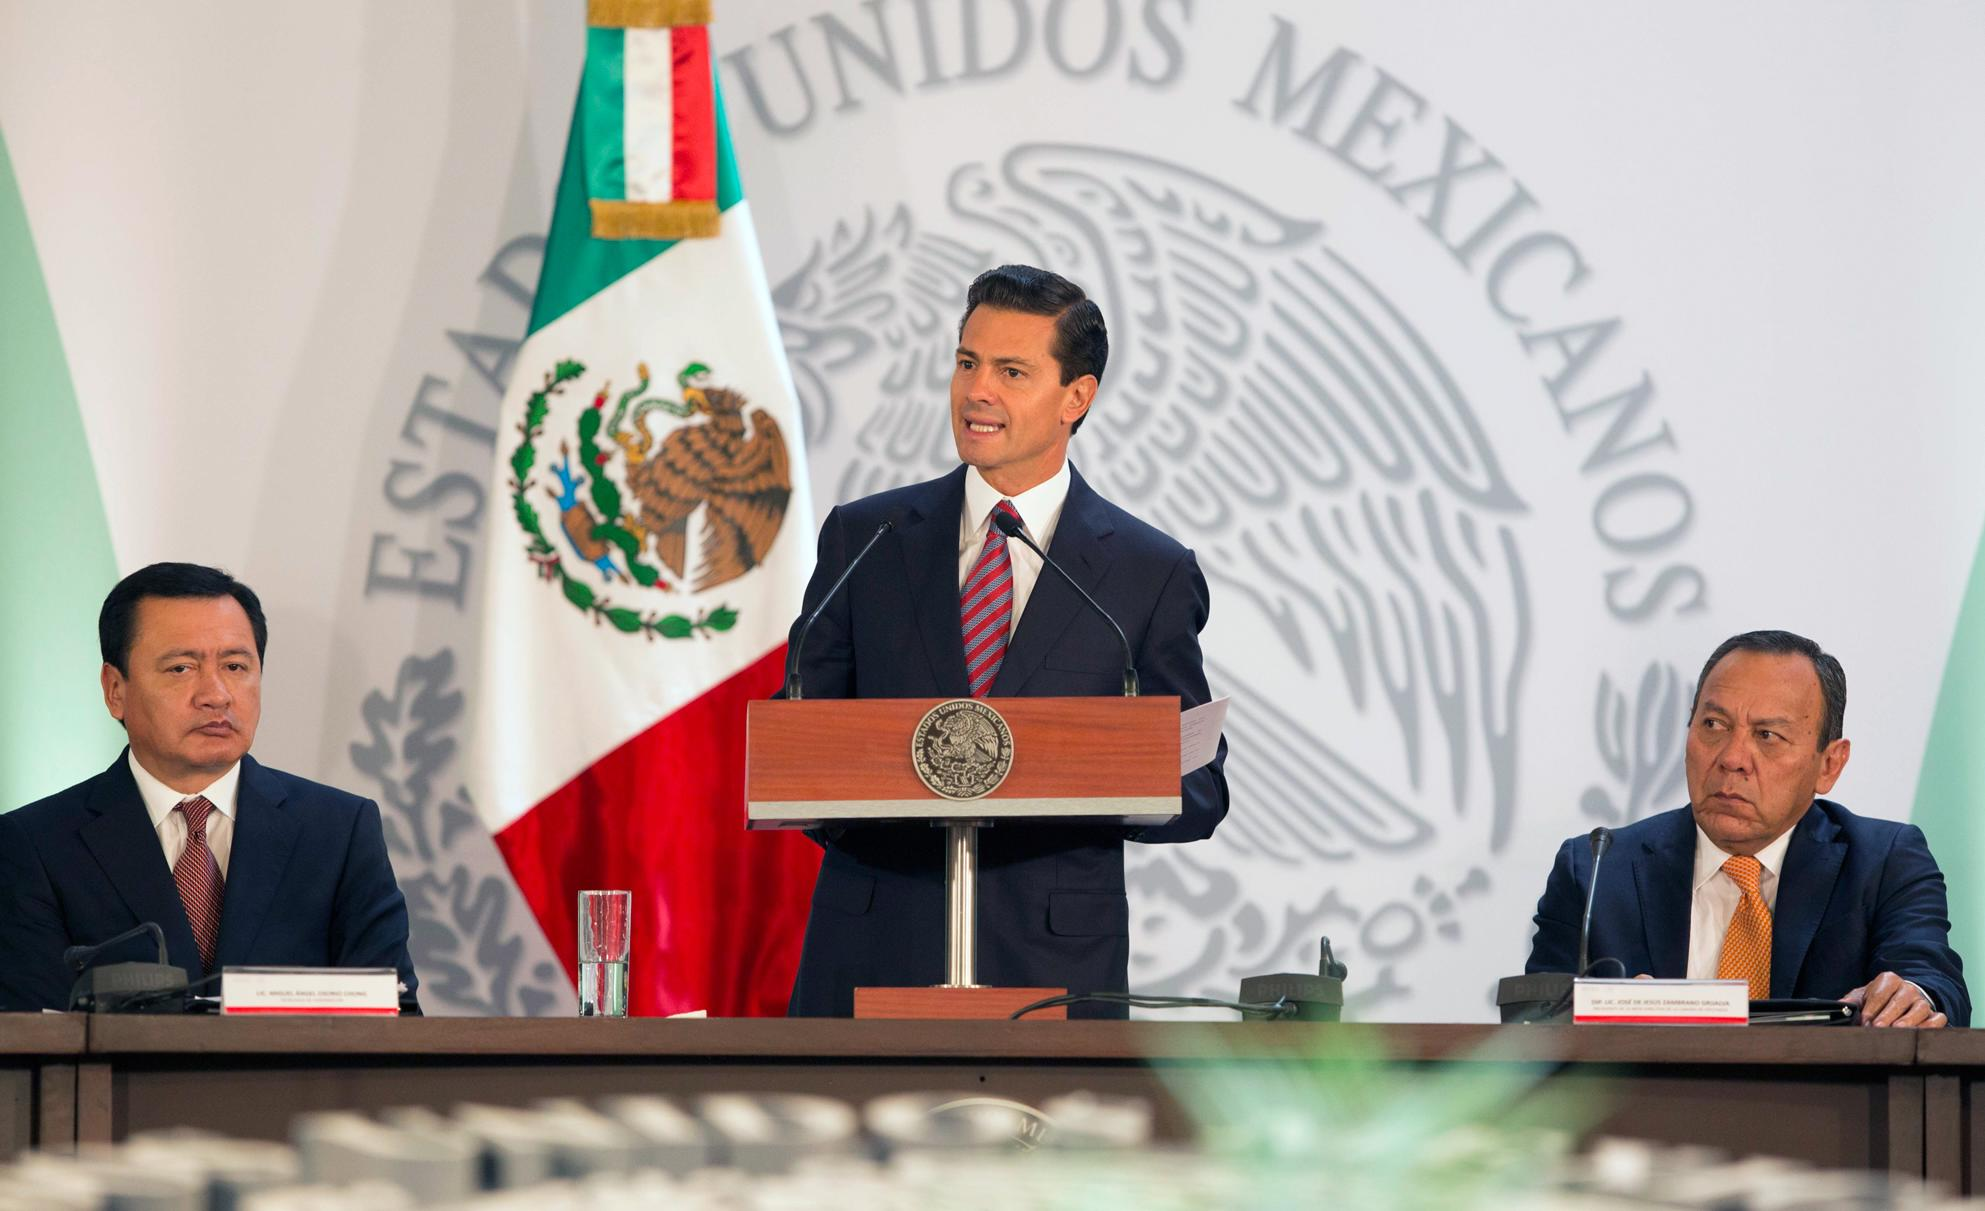 El Primer Mandatario clausuró la 40ª Sesión del Consejo Nacional de Seguridad Pública.